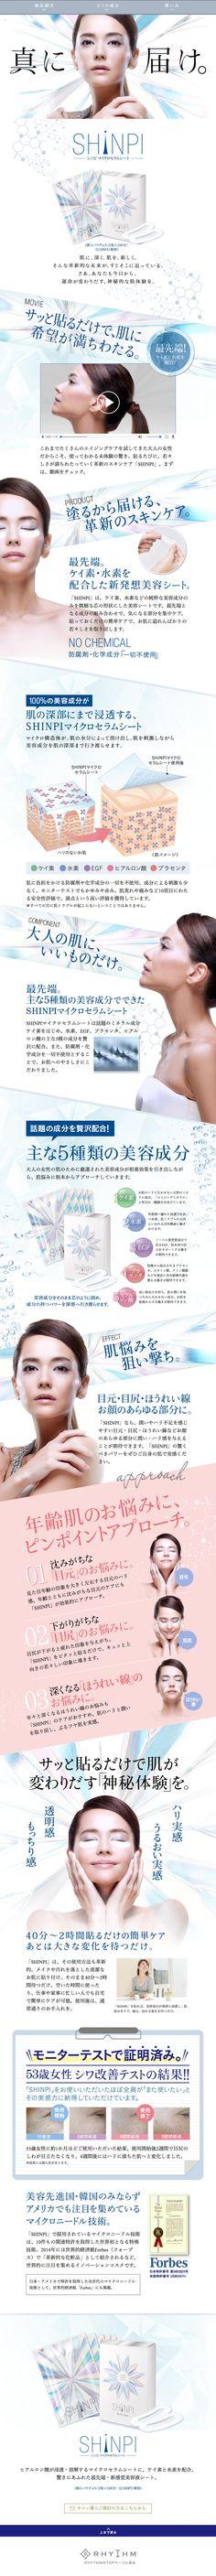 【リズム株式会社】〈シンピ〉ケイ素や水素をはじめとする純粋な美容成分のみを微細な芯の形にした最先端の美容液シート